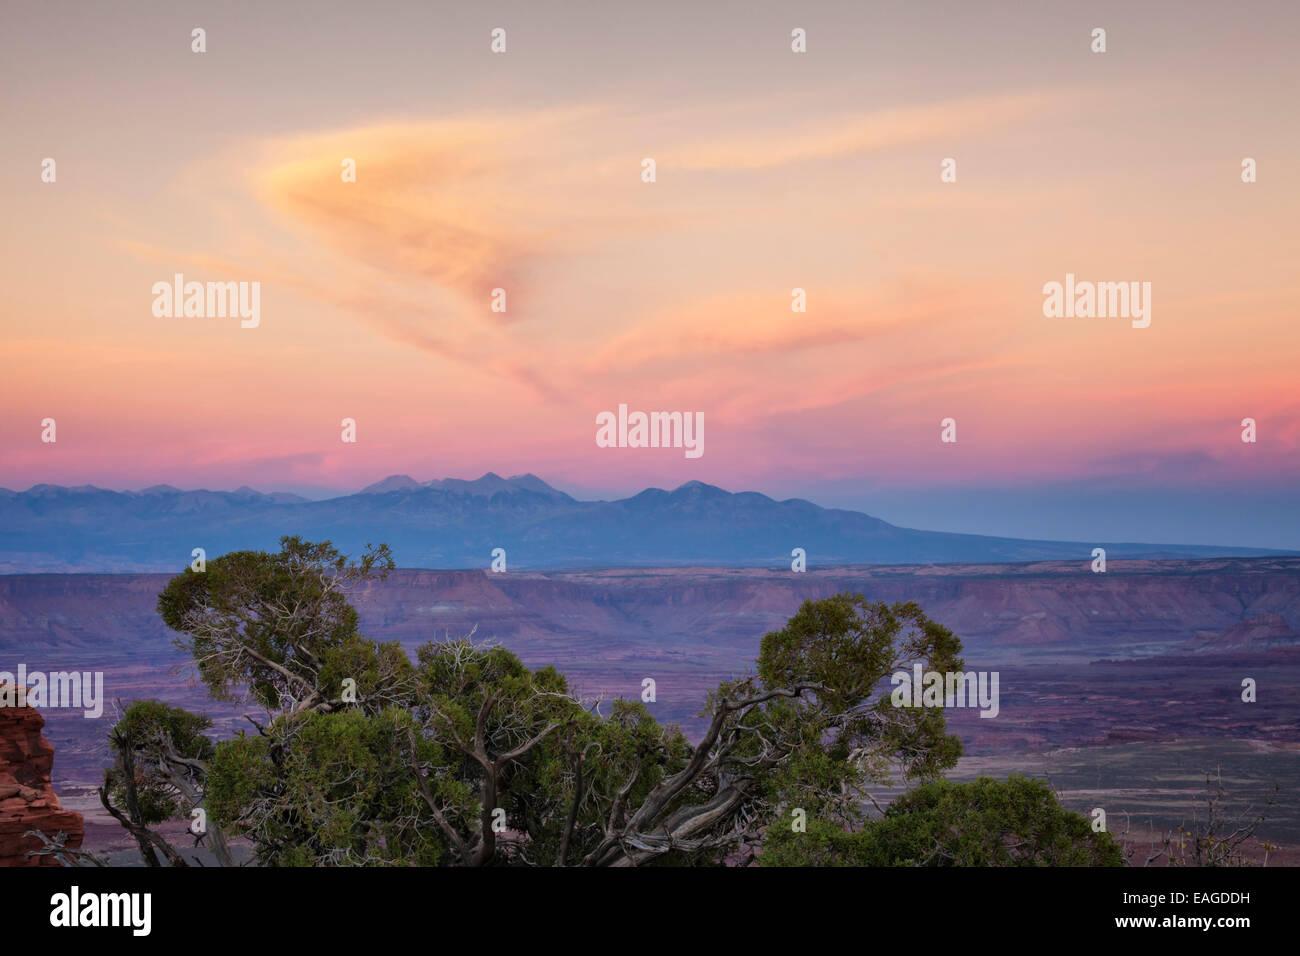 Dusk at Canyonland, Utah - Stock Image